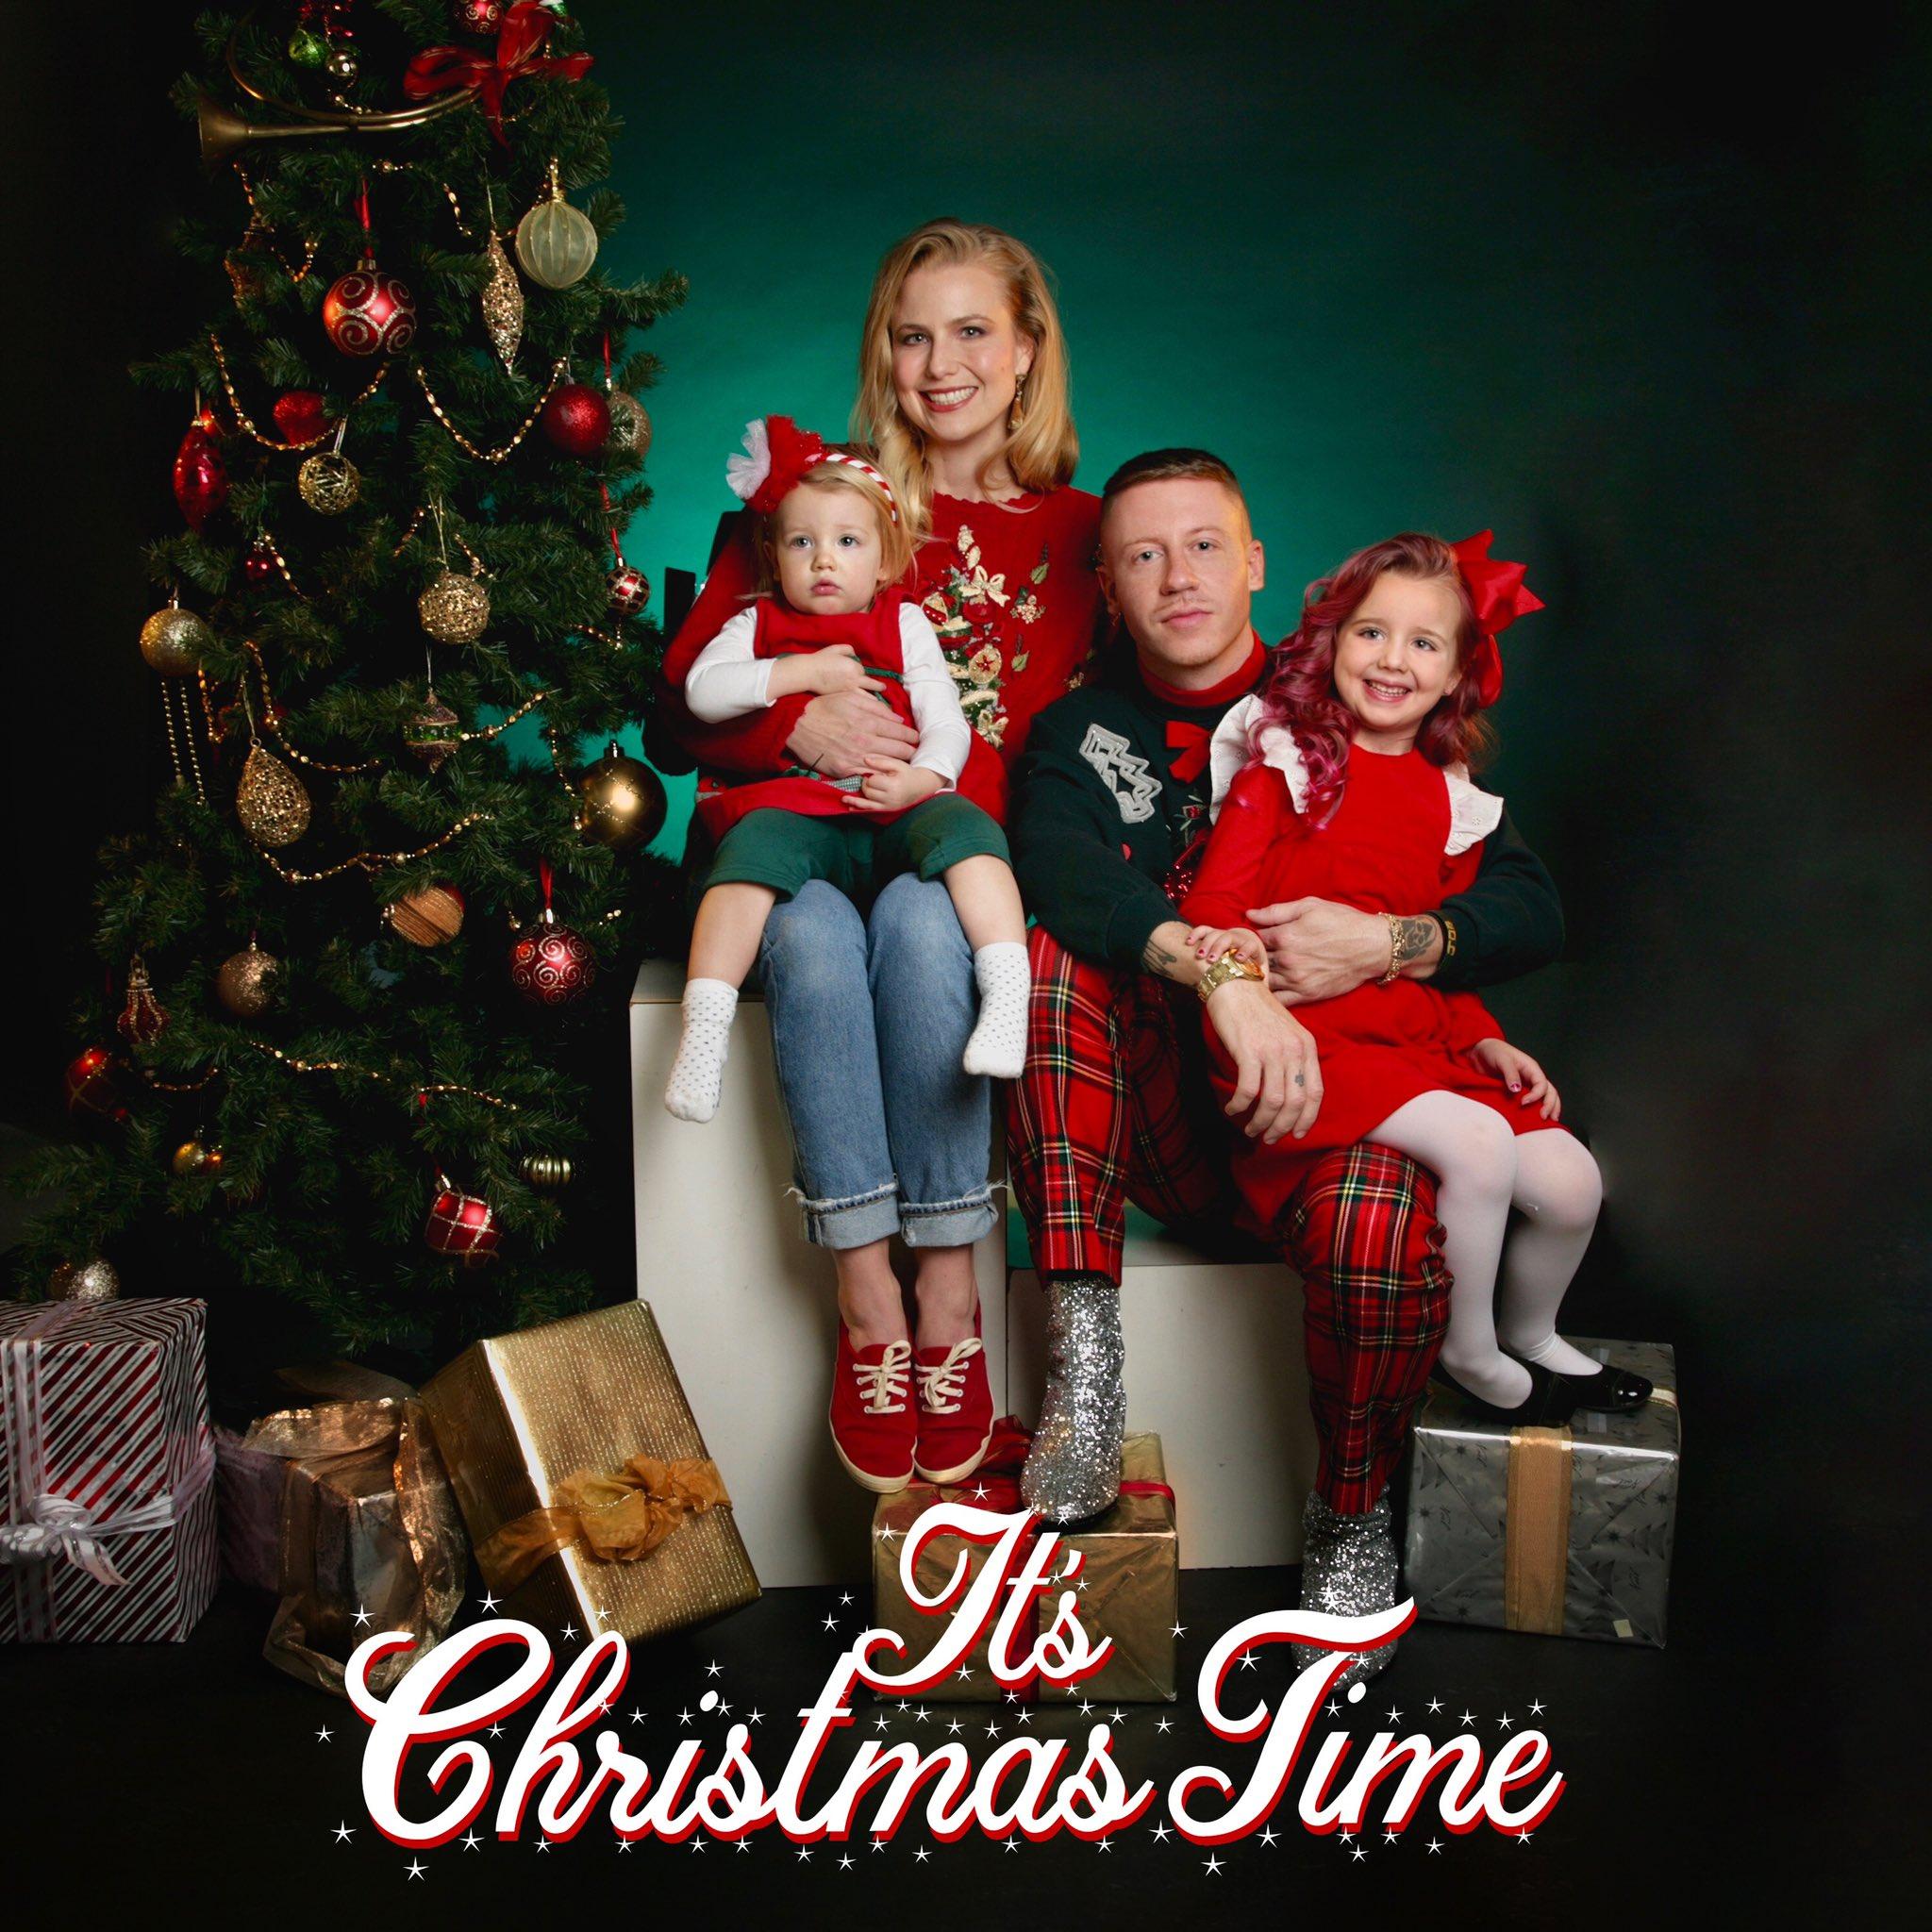 【クリスマスの新曲】MACKLEMORE – IT'S CHRISTMAS TIME (FEAT. DAN CAPLEN)